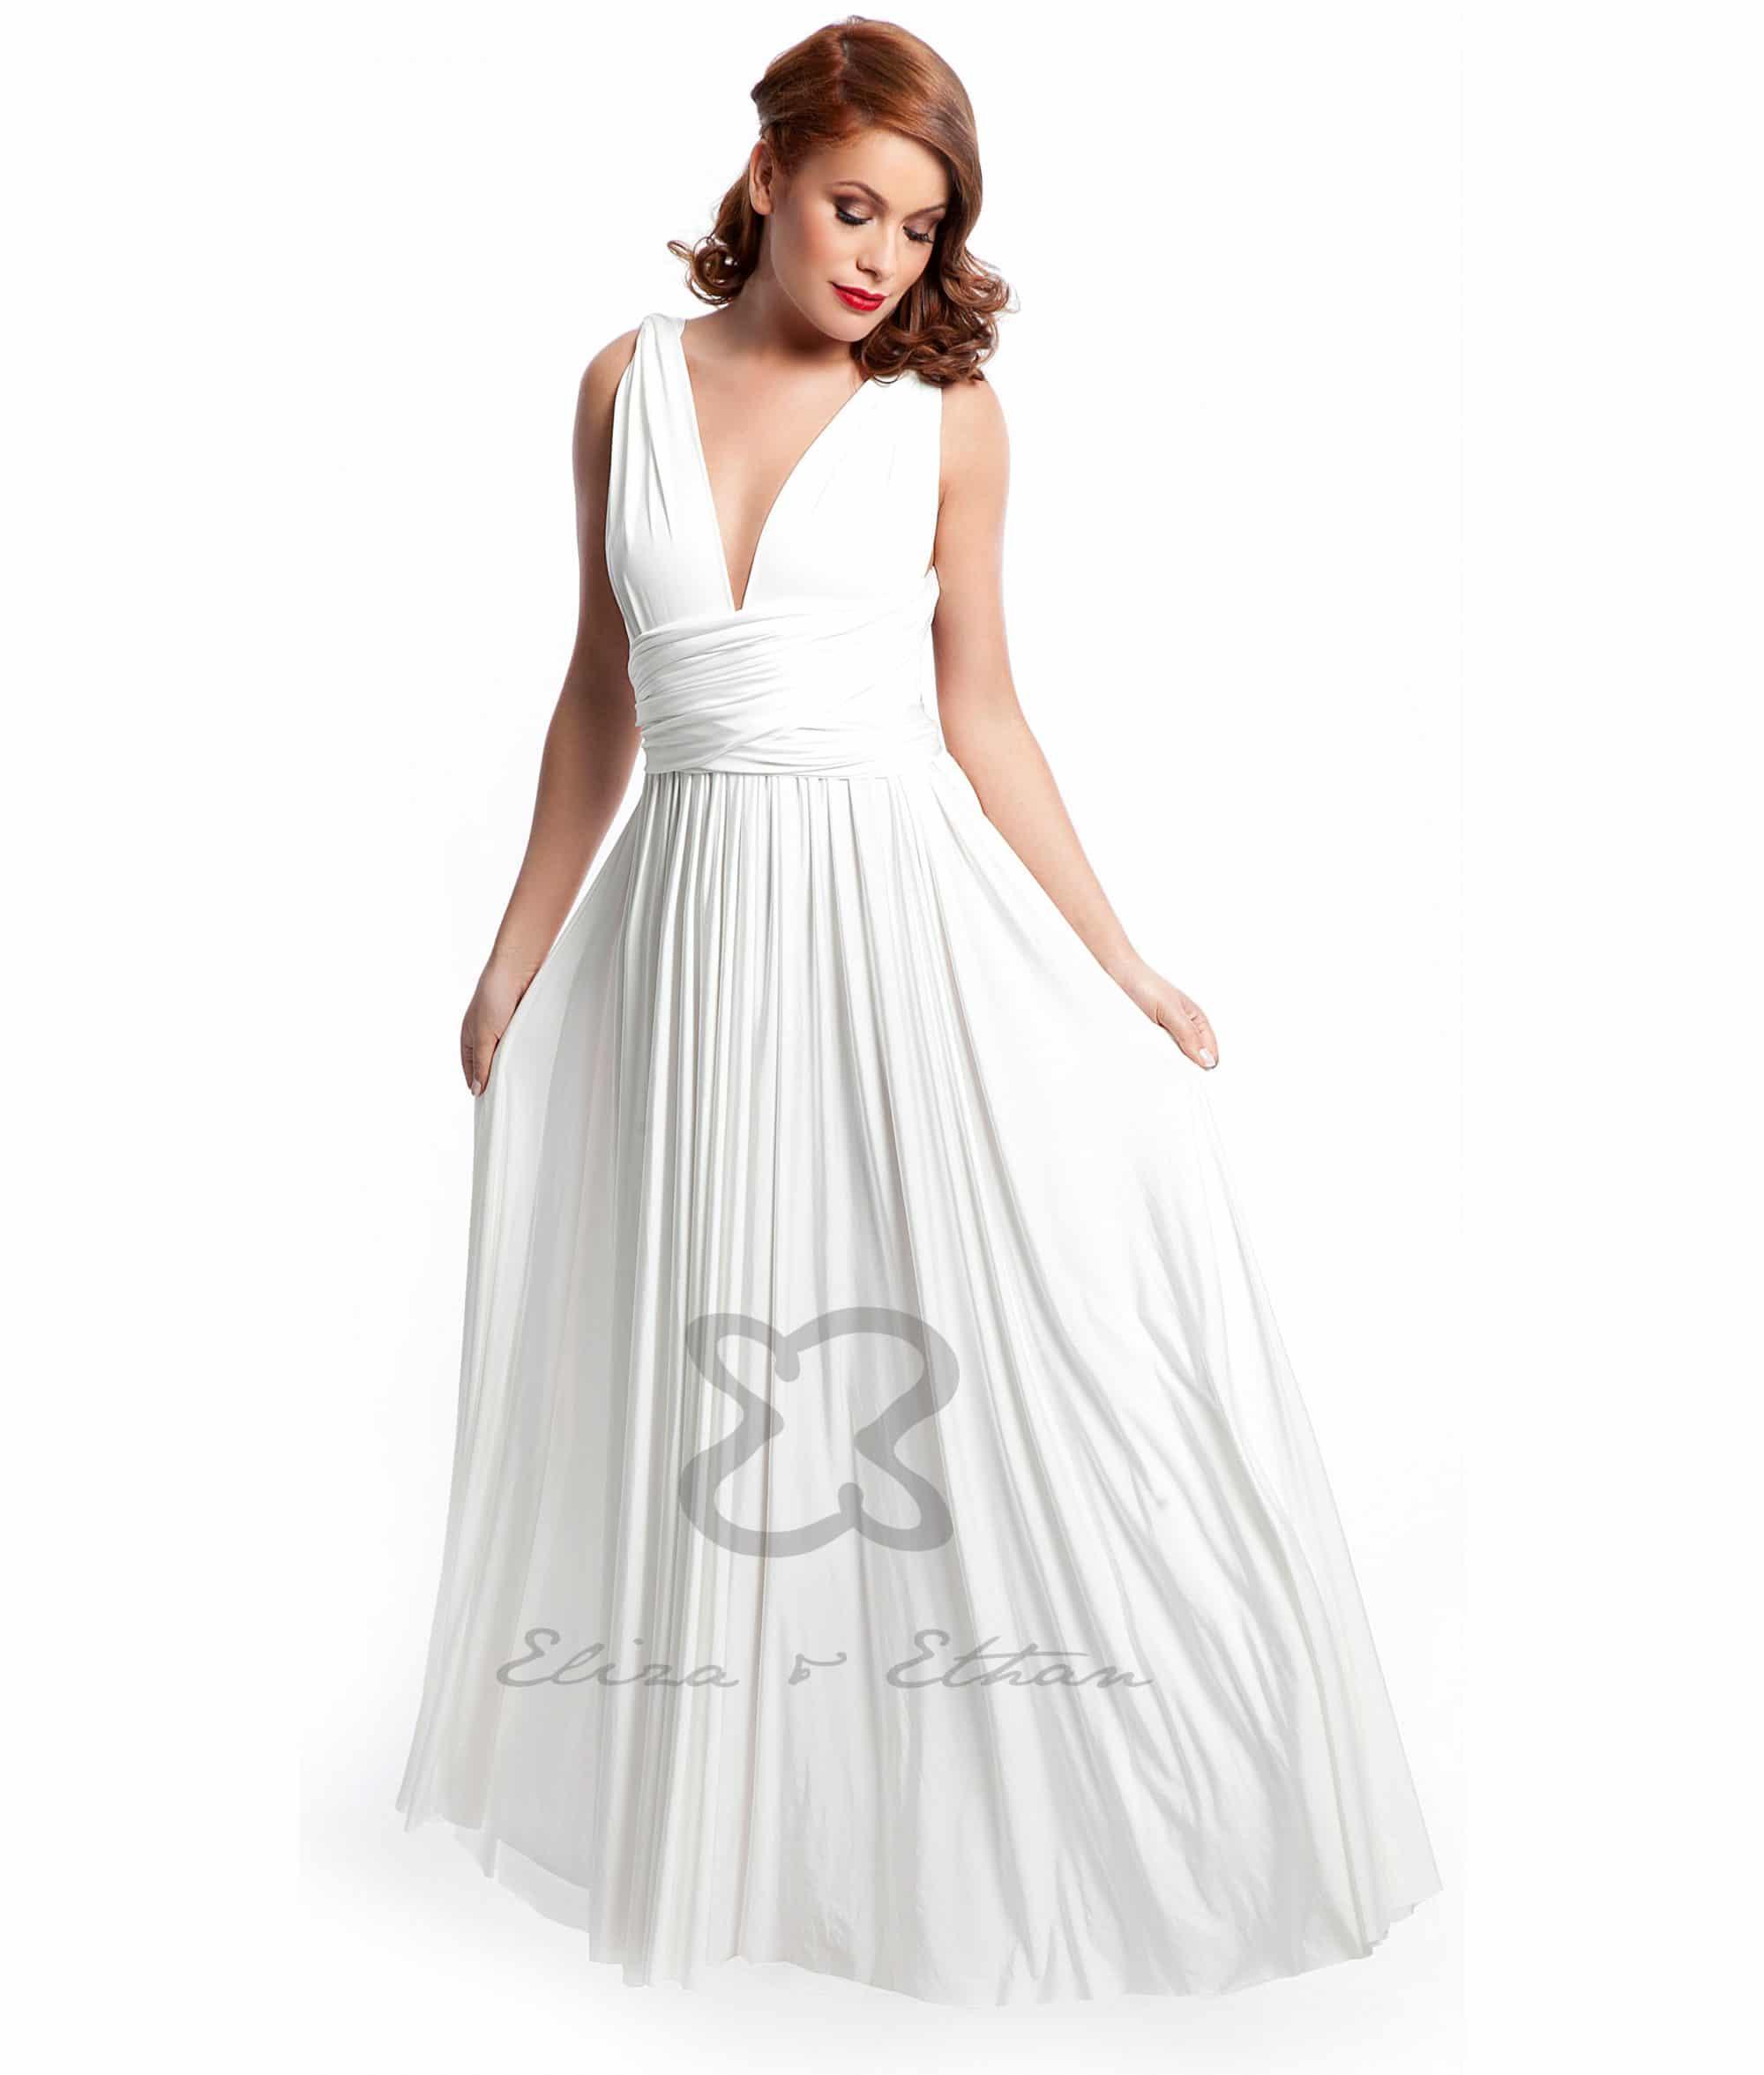 Eliza & Ethan Ivory Multiwrap Dress Alila